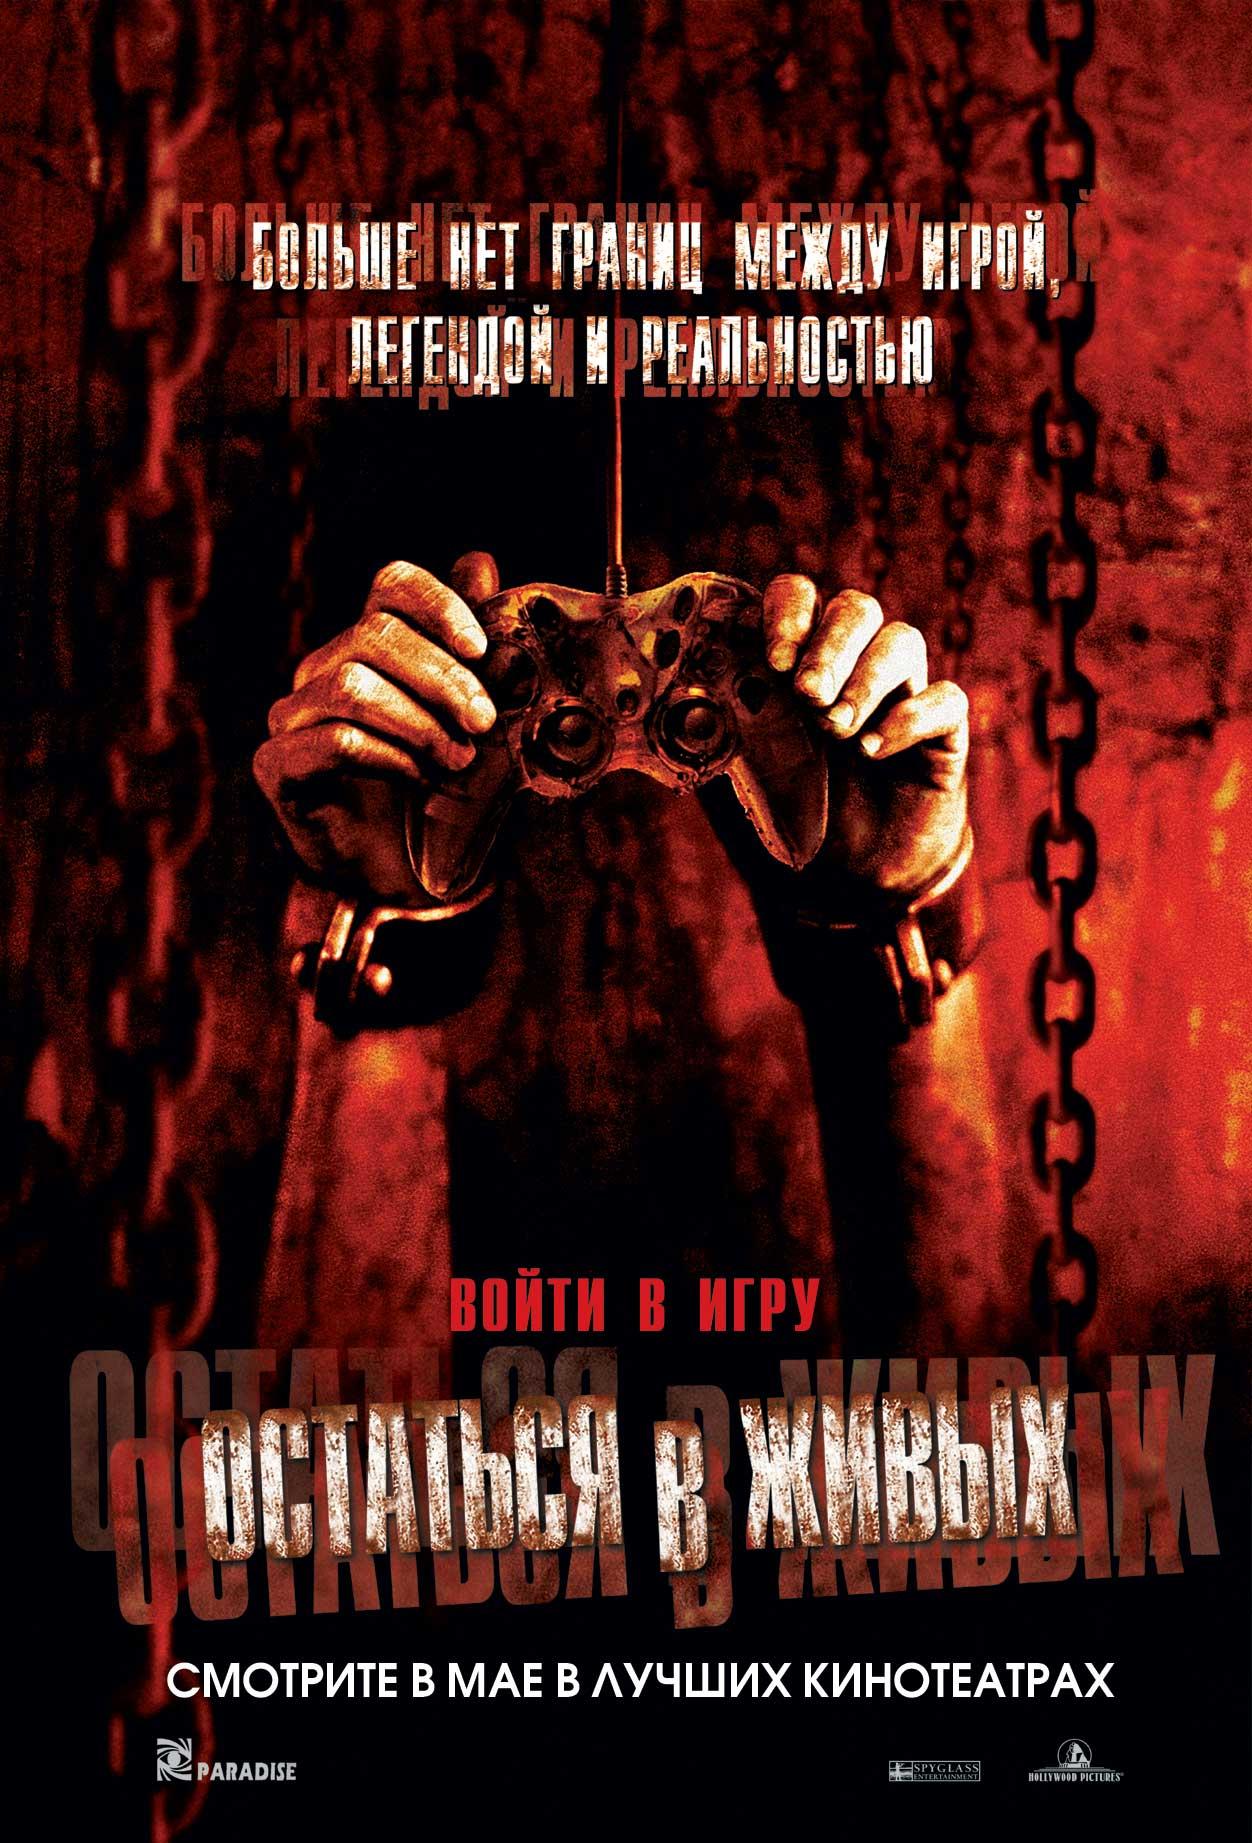 плакат фильма Остаться в живых